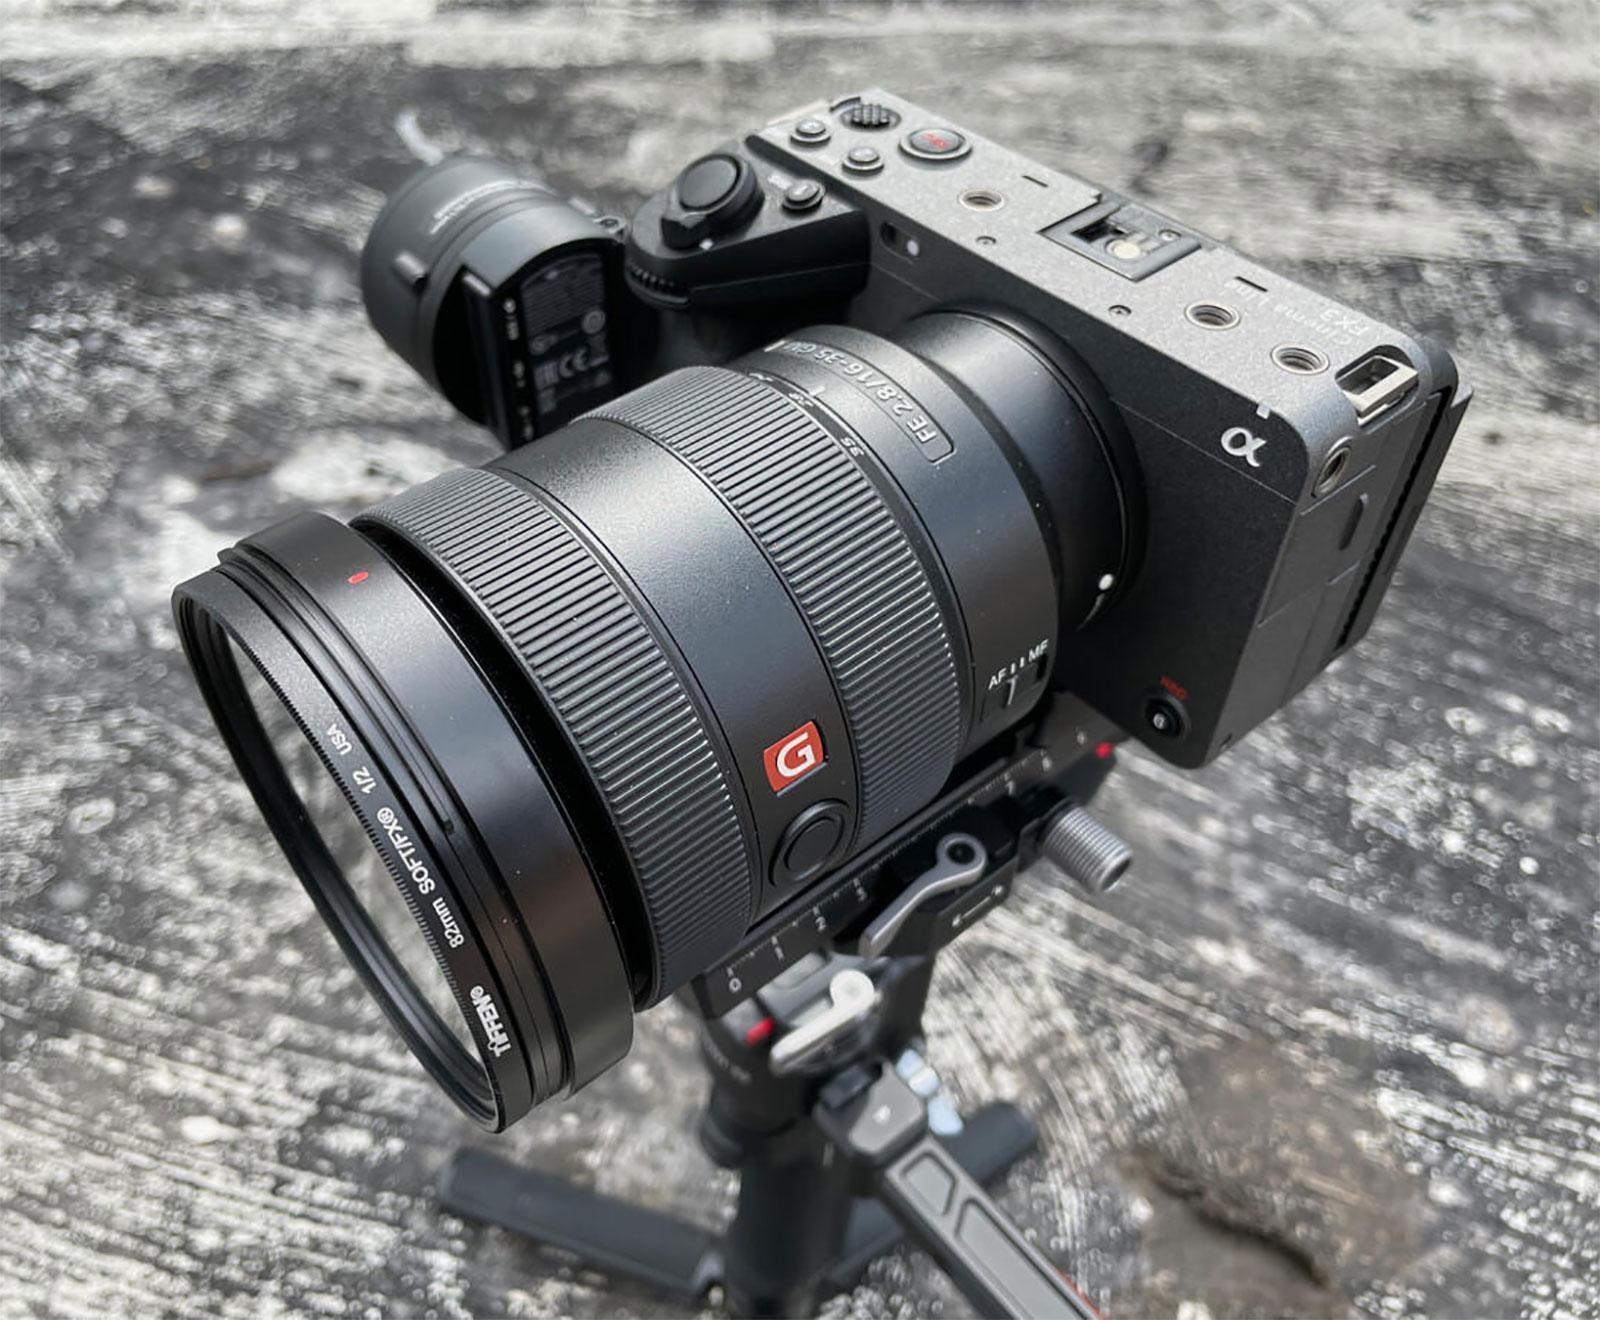 EL REY shot on Sony FX3 Cinema Cameras